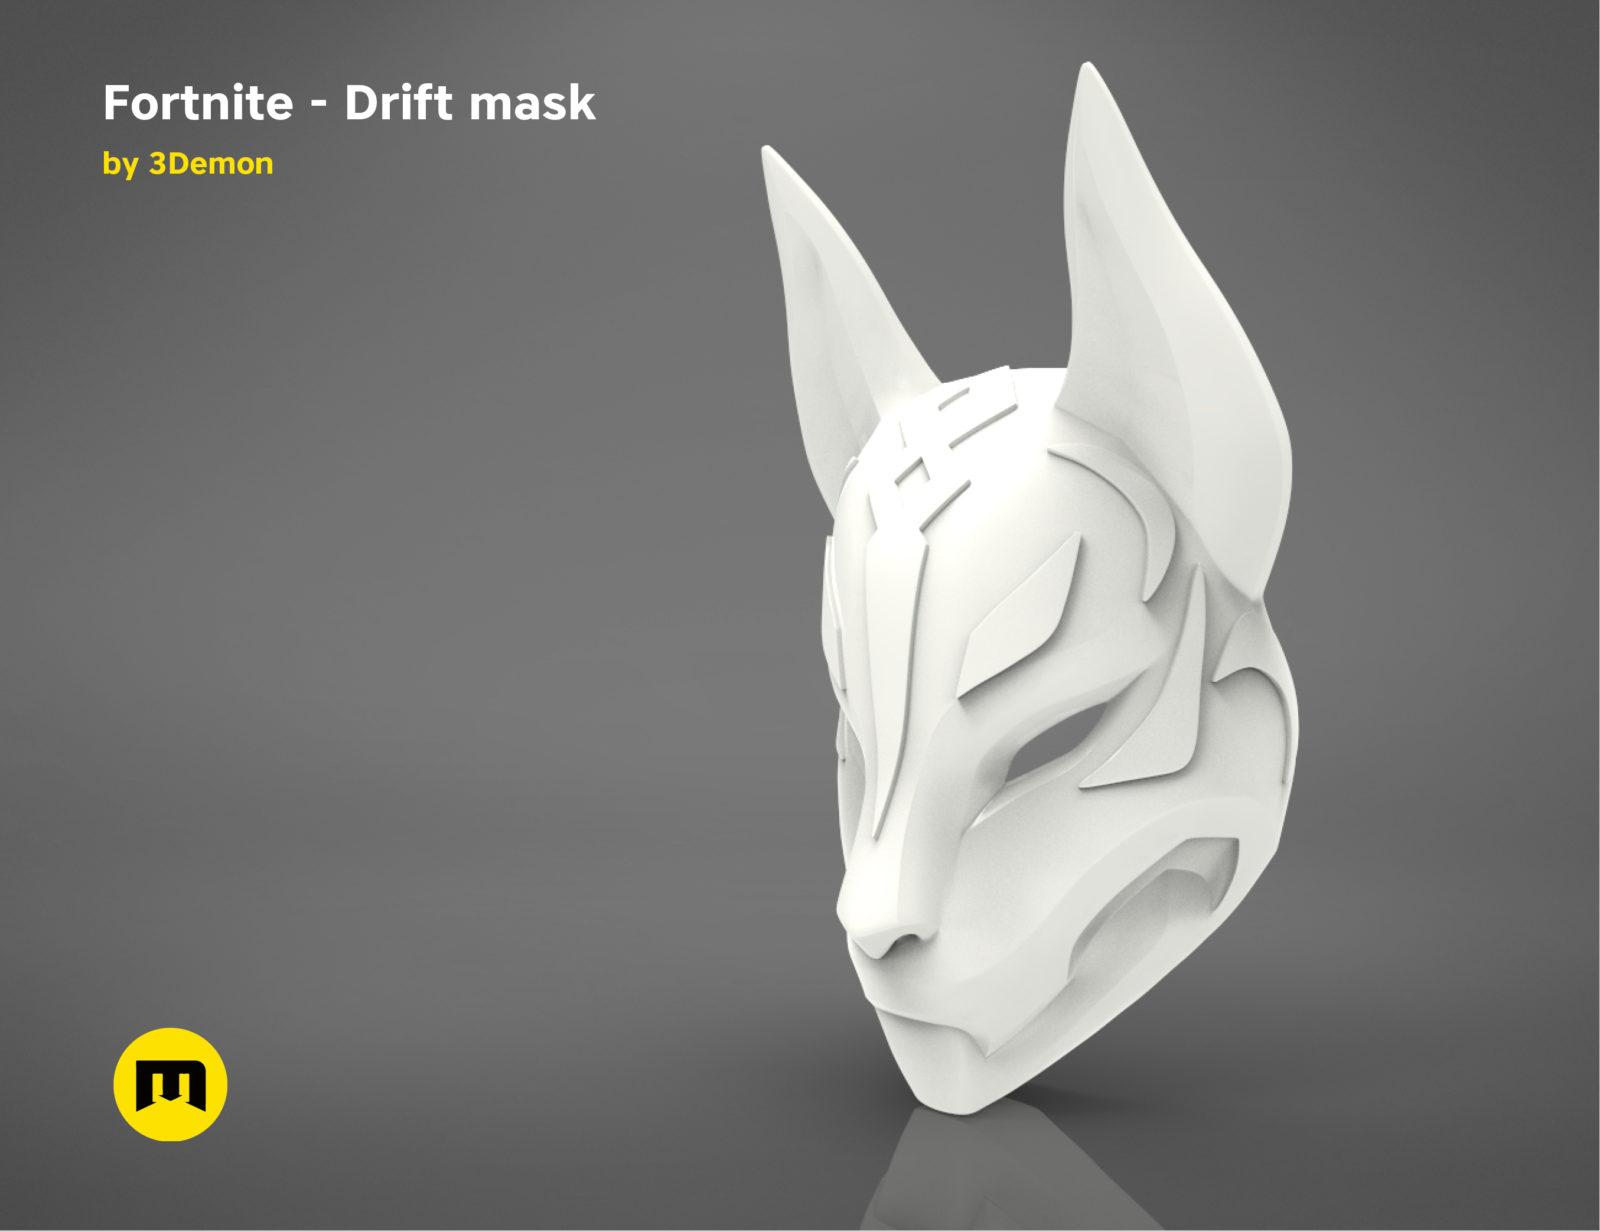 Drift mask - Fortnite